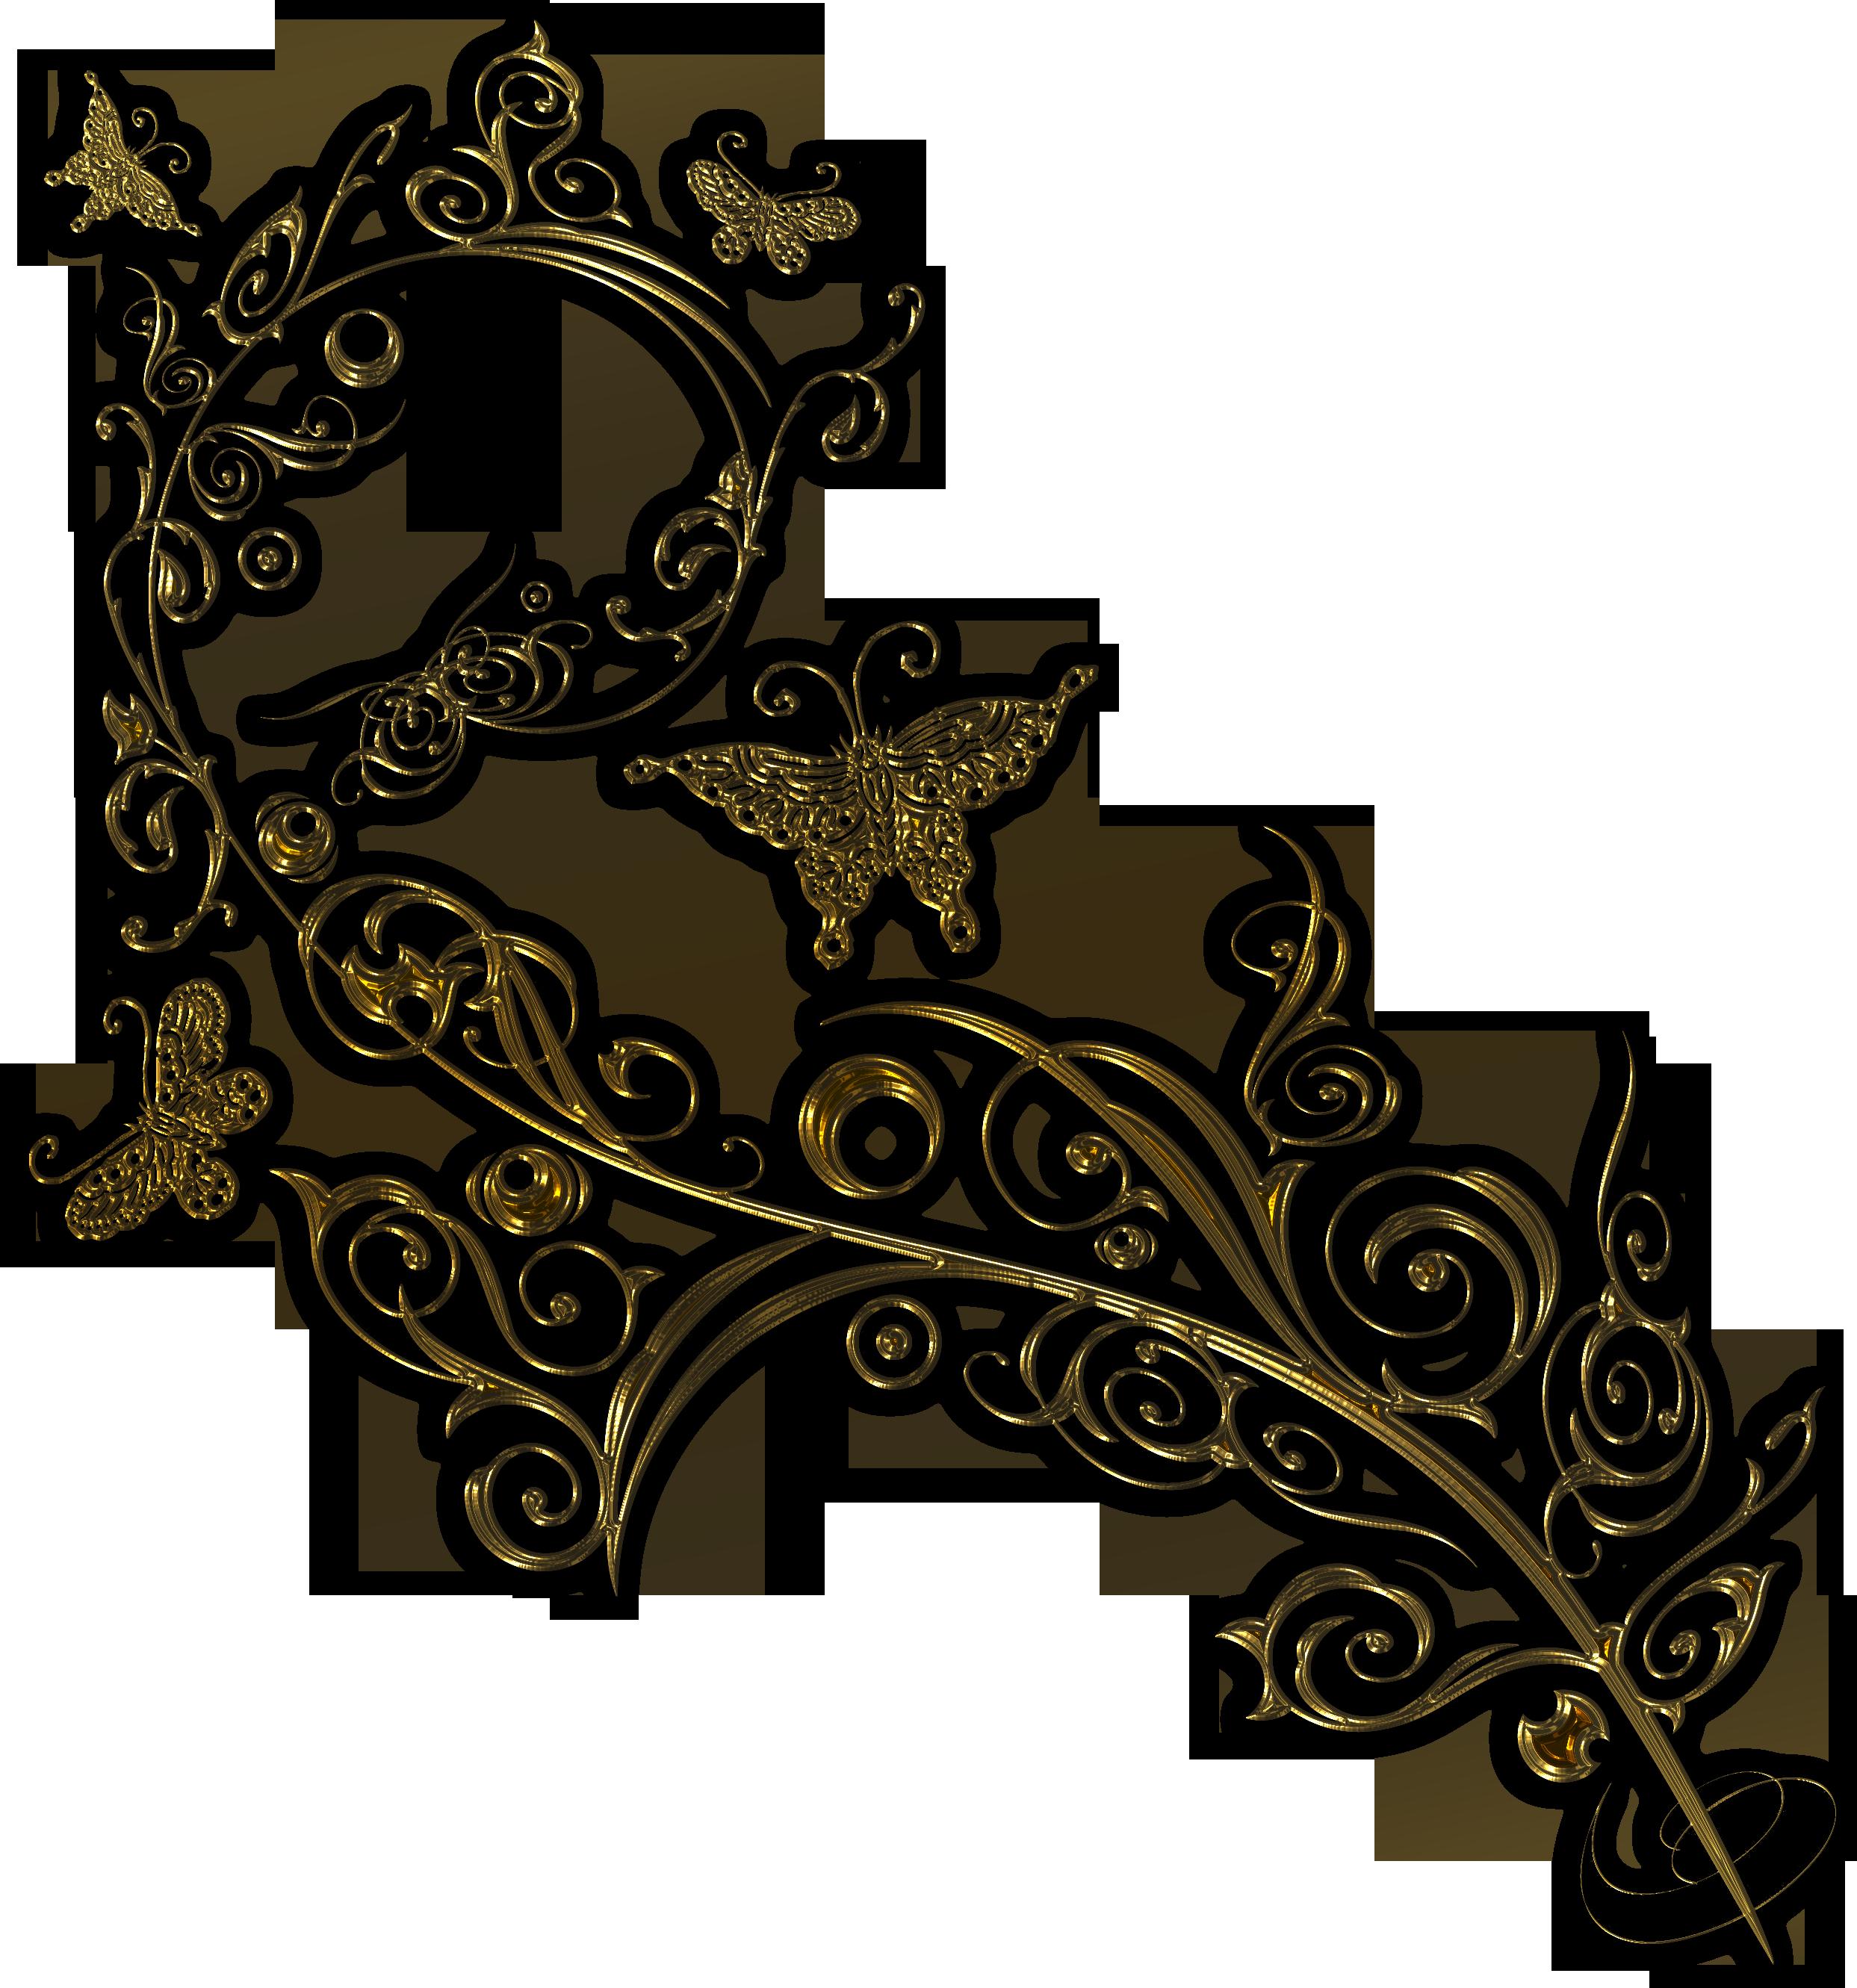 Картинки завитушек узоров бабочек